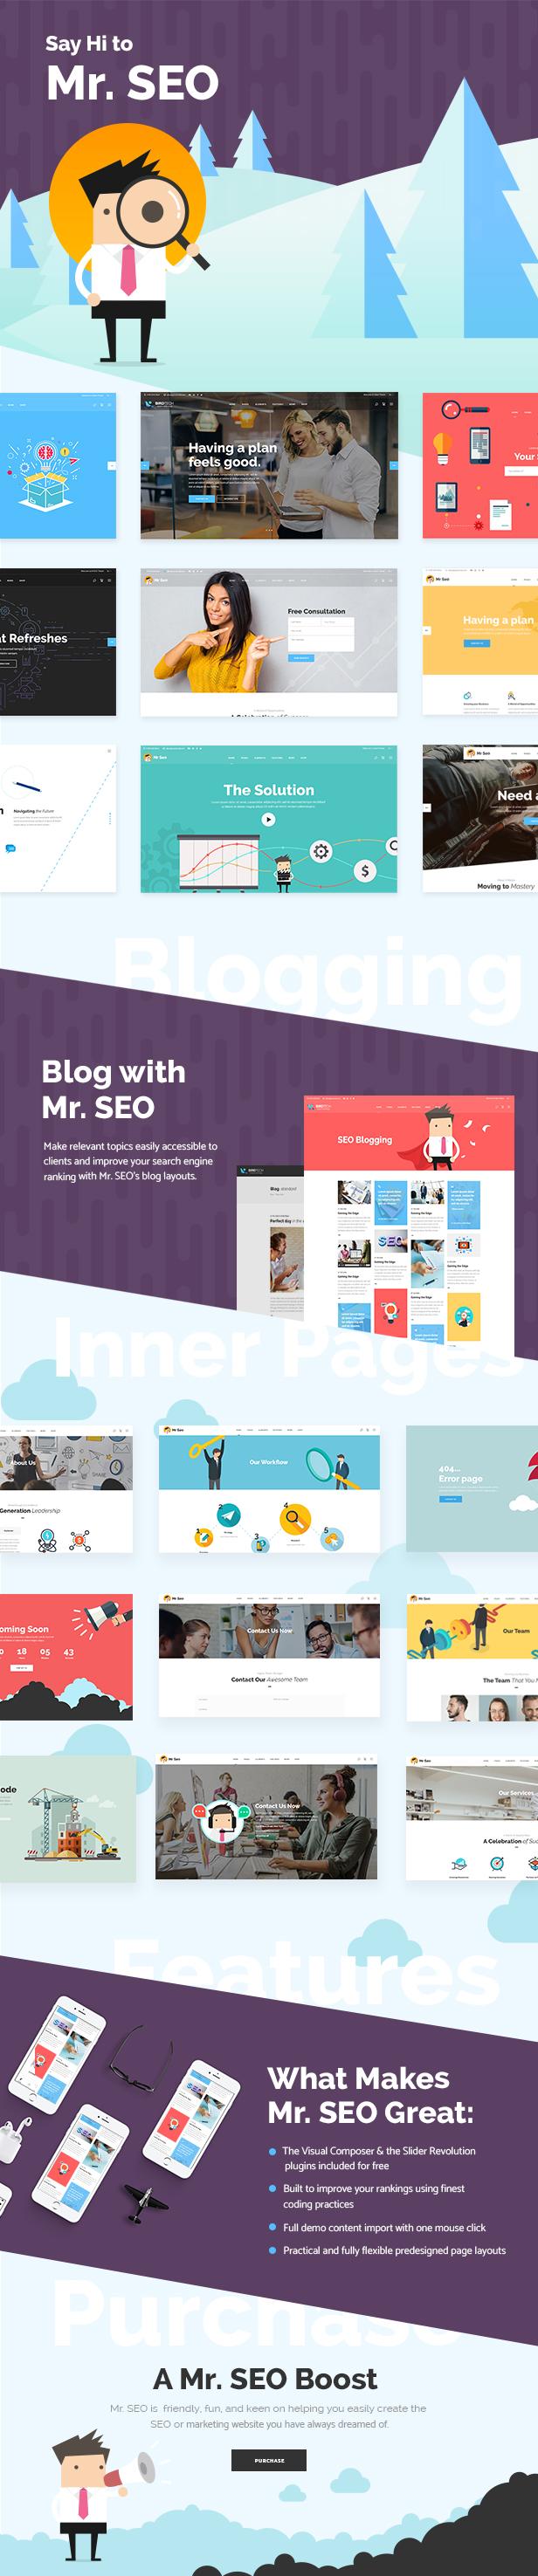 Mr. SEO - SEO, Marketing Agency and Social Media Theme - 1